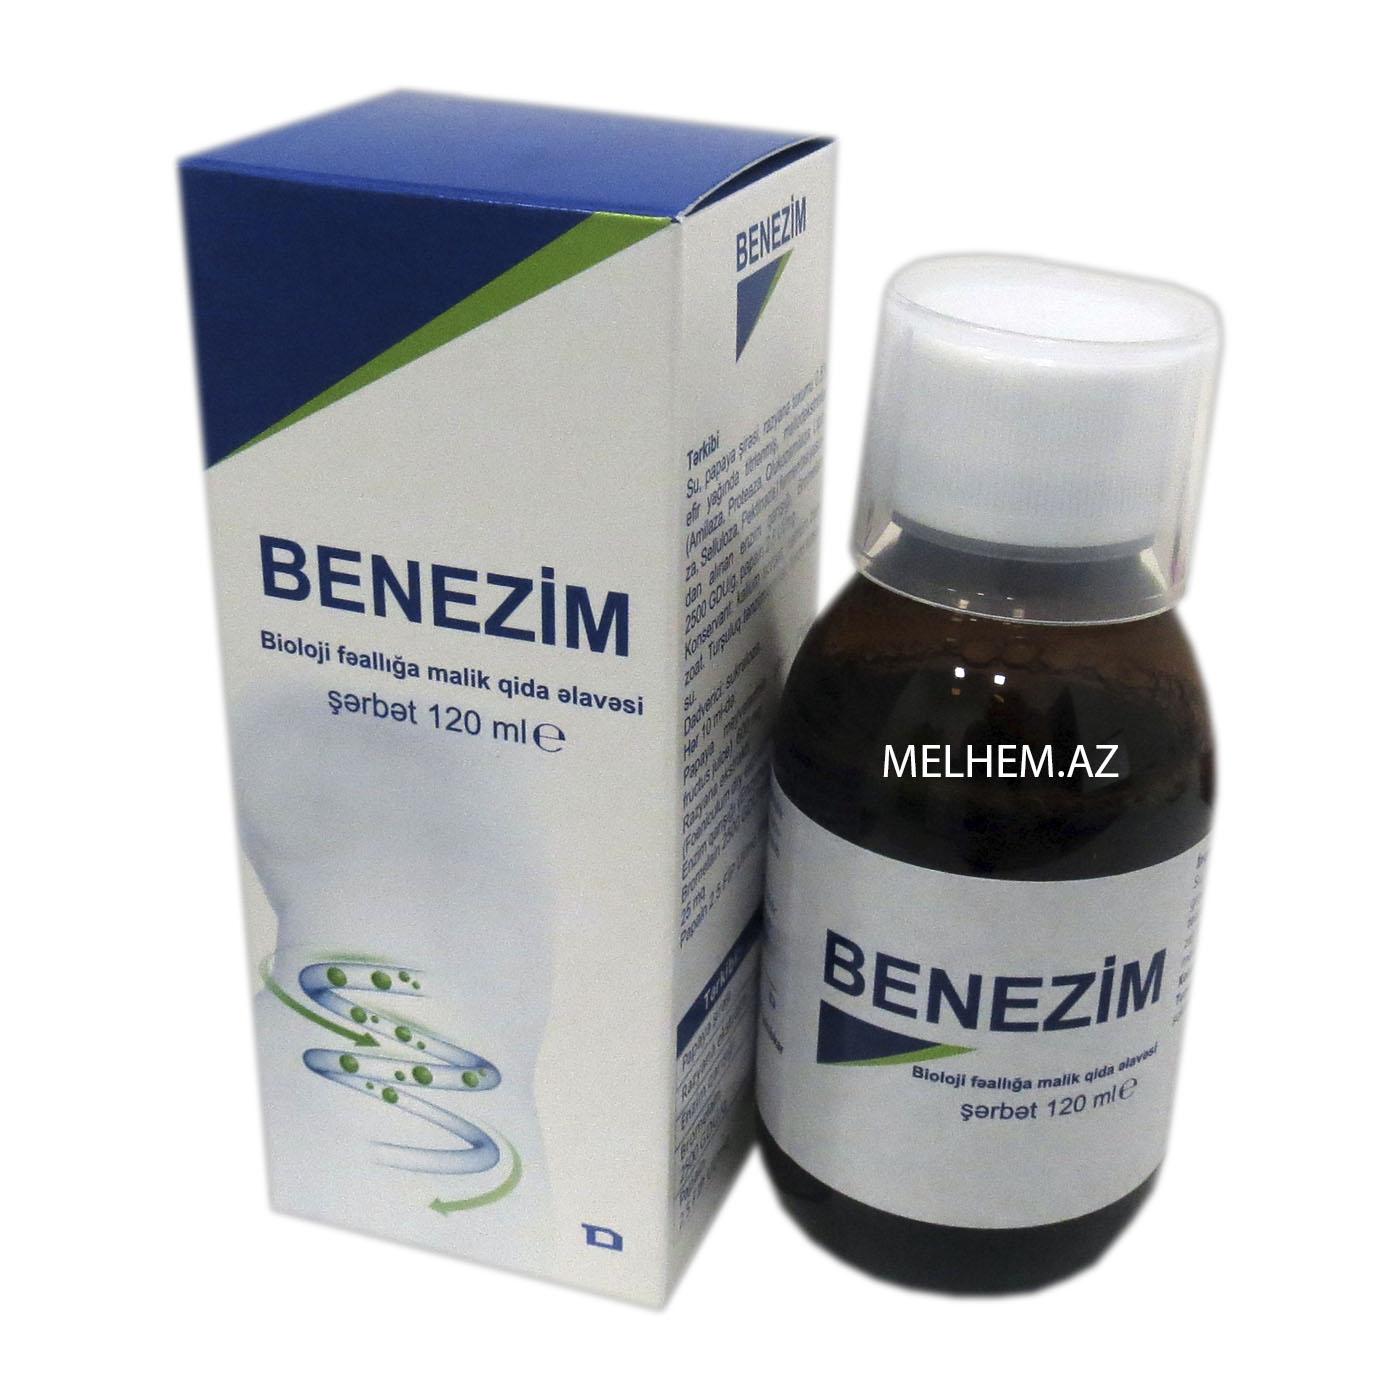 BENEZIM